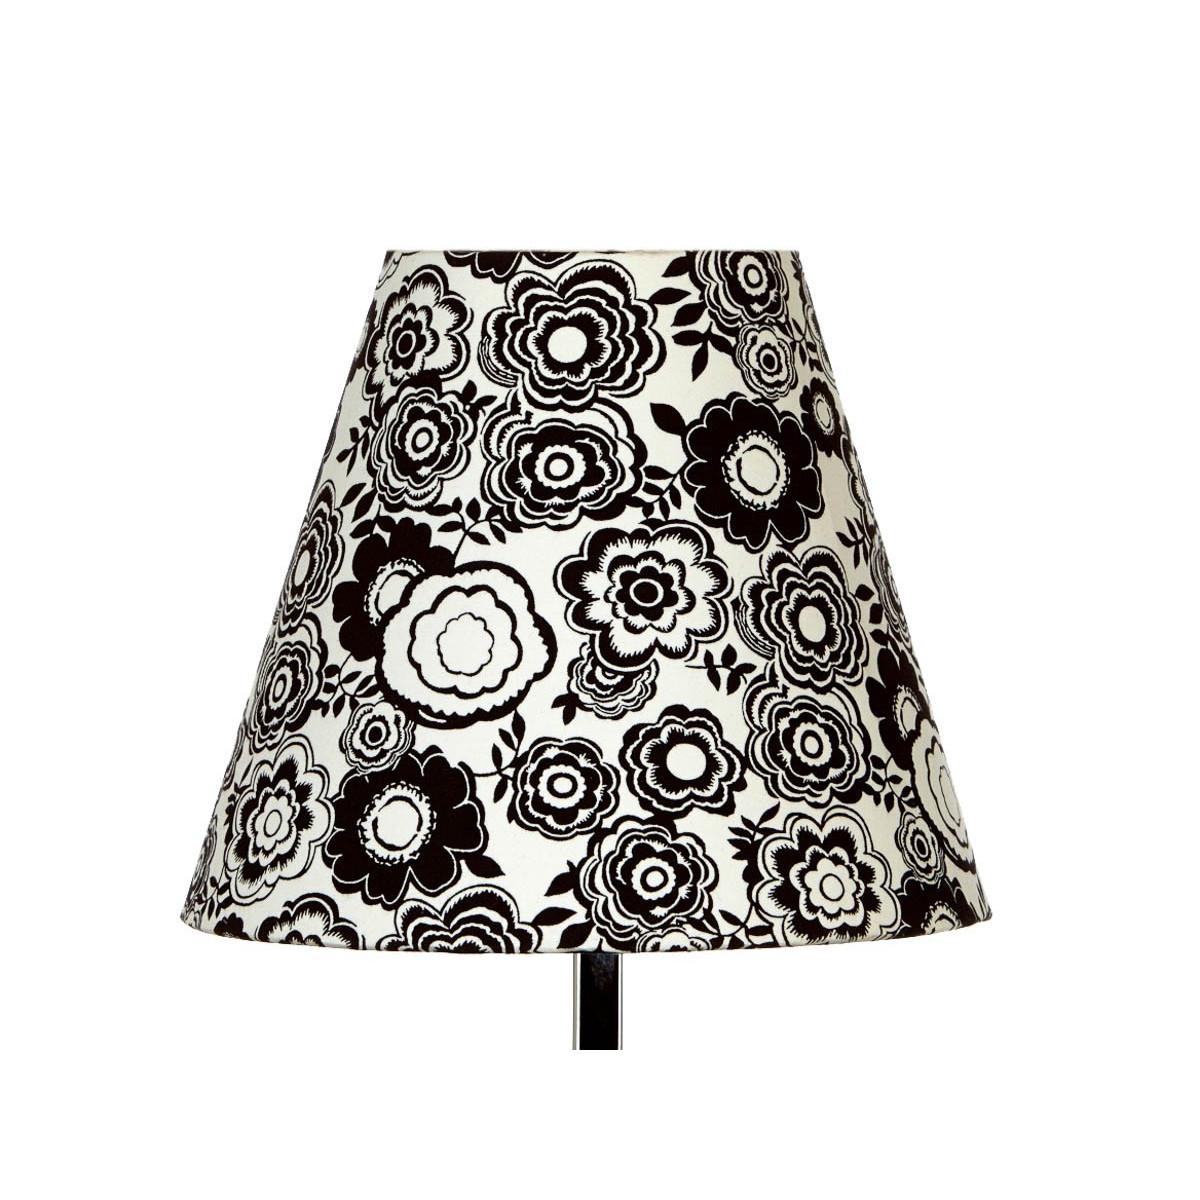 Abat jour lampe de chevet tissu noir et blanc